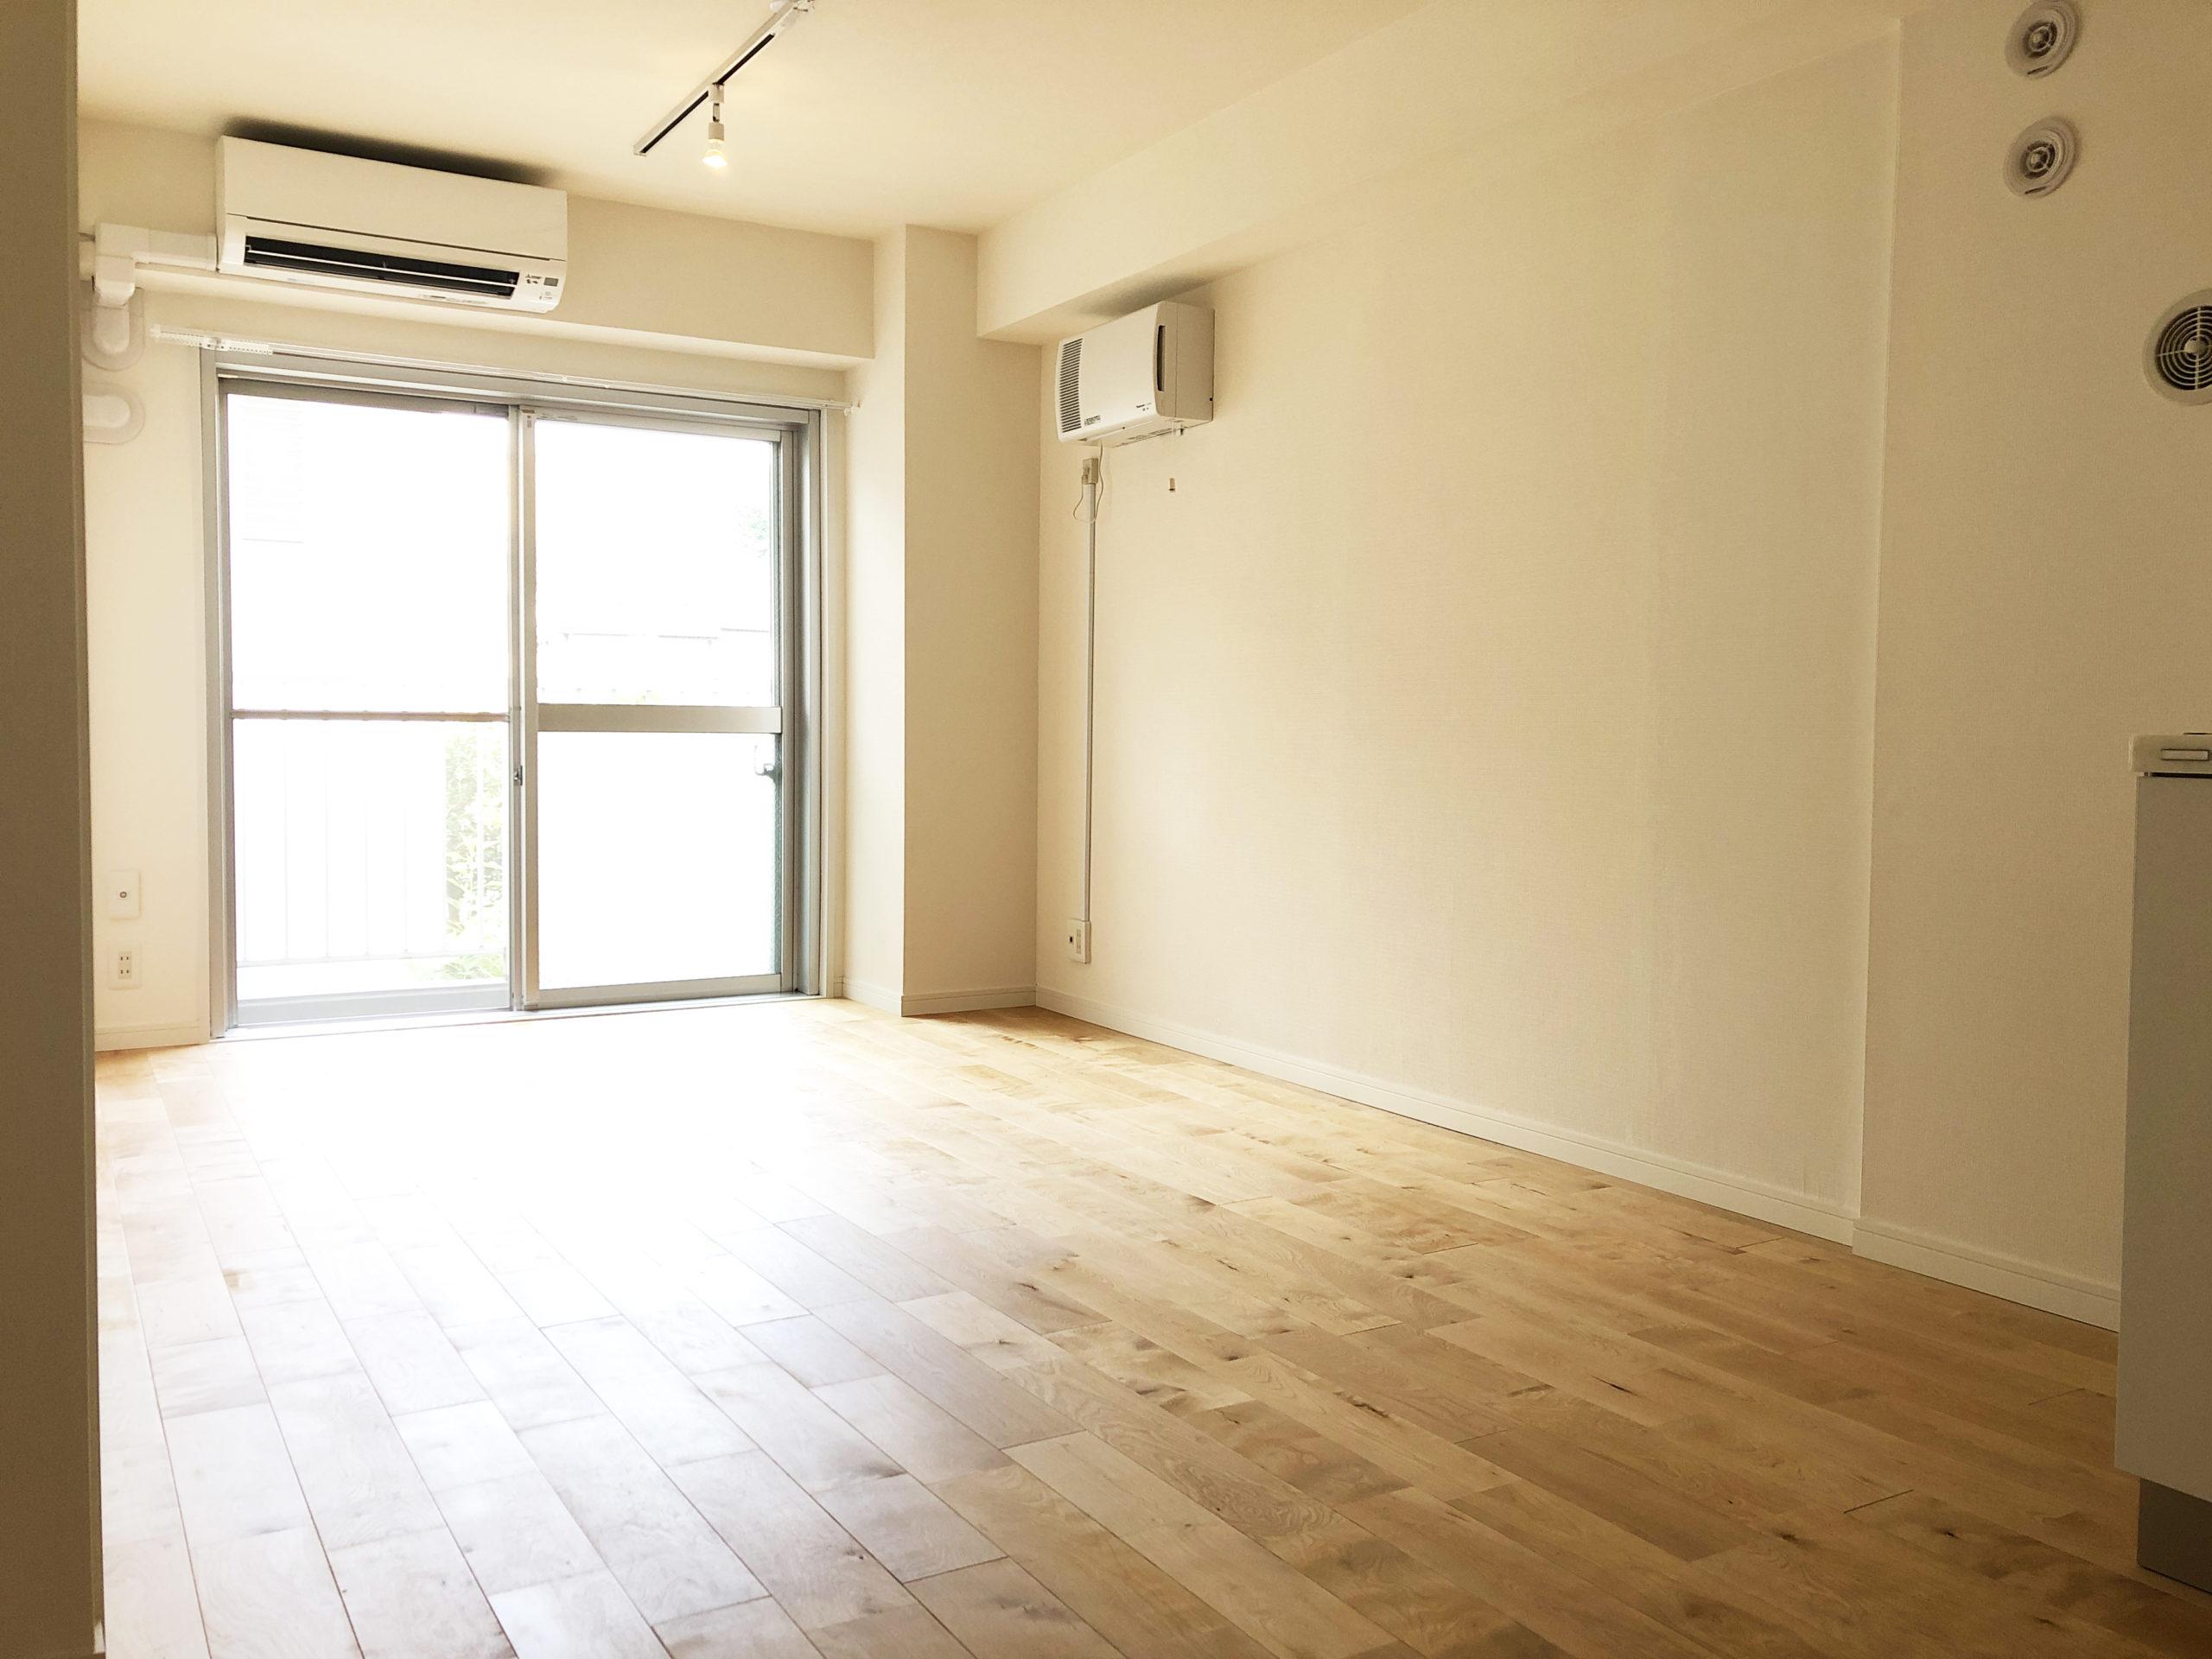 リノベーション後の居室です